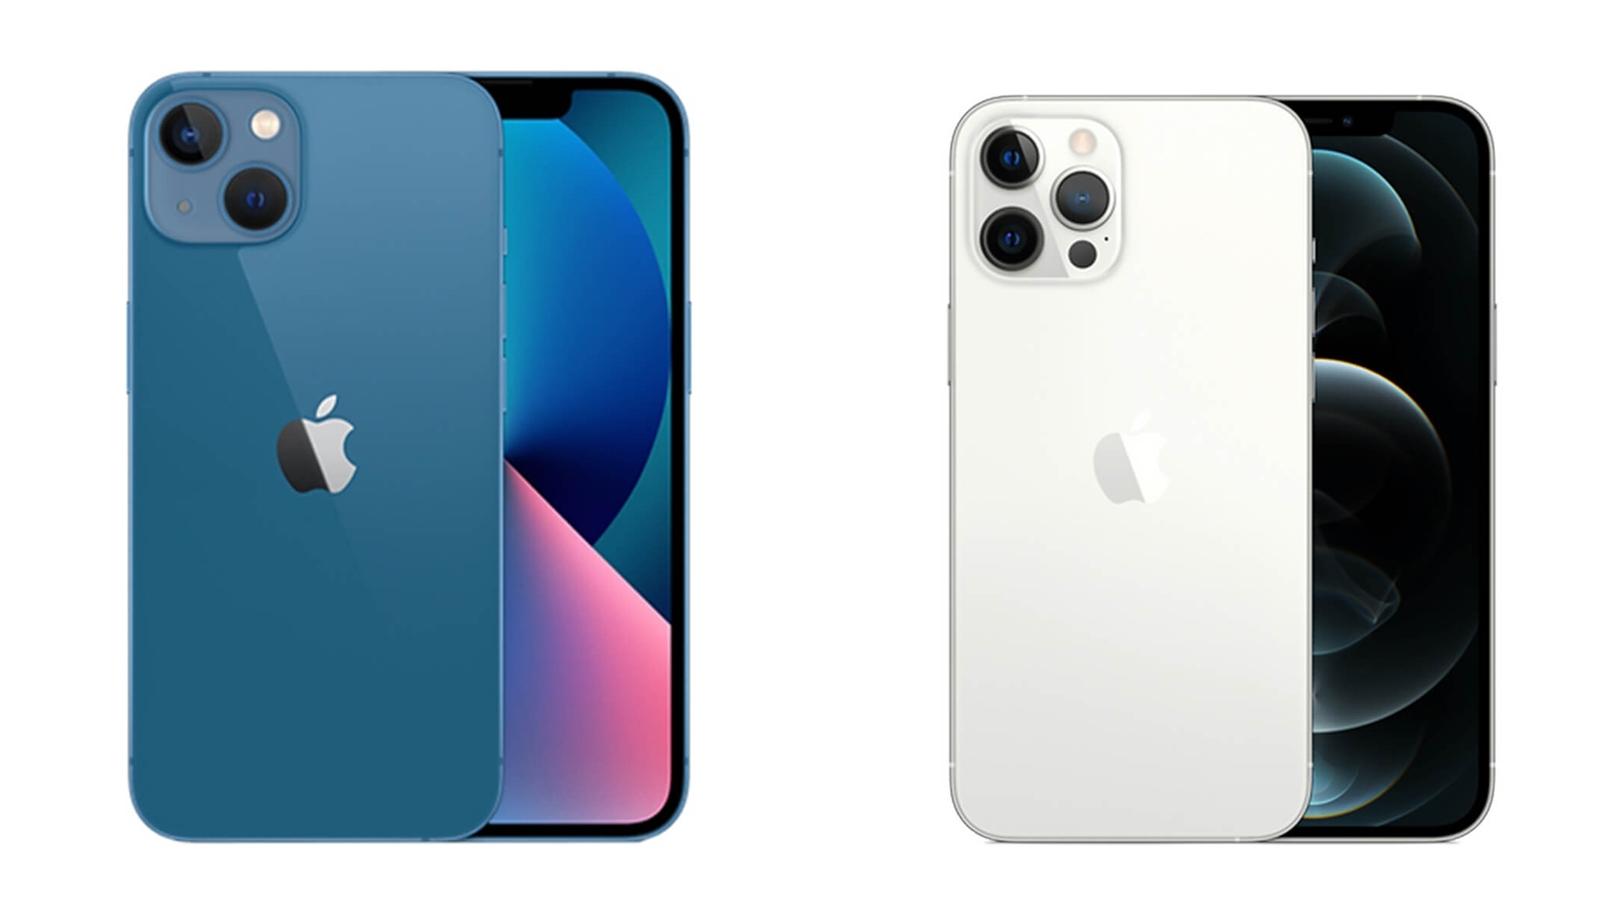 【機型比較】iPhone 13 mini跟12 Pro該怎麼選擇?不同差異為何?哪裡買最便宜?